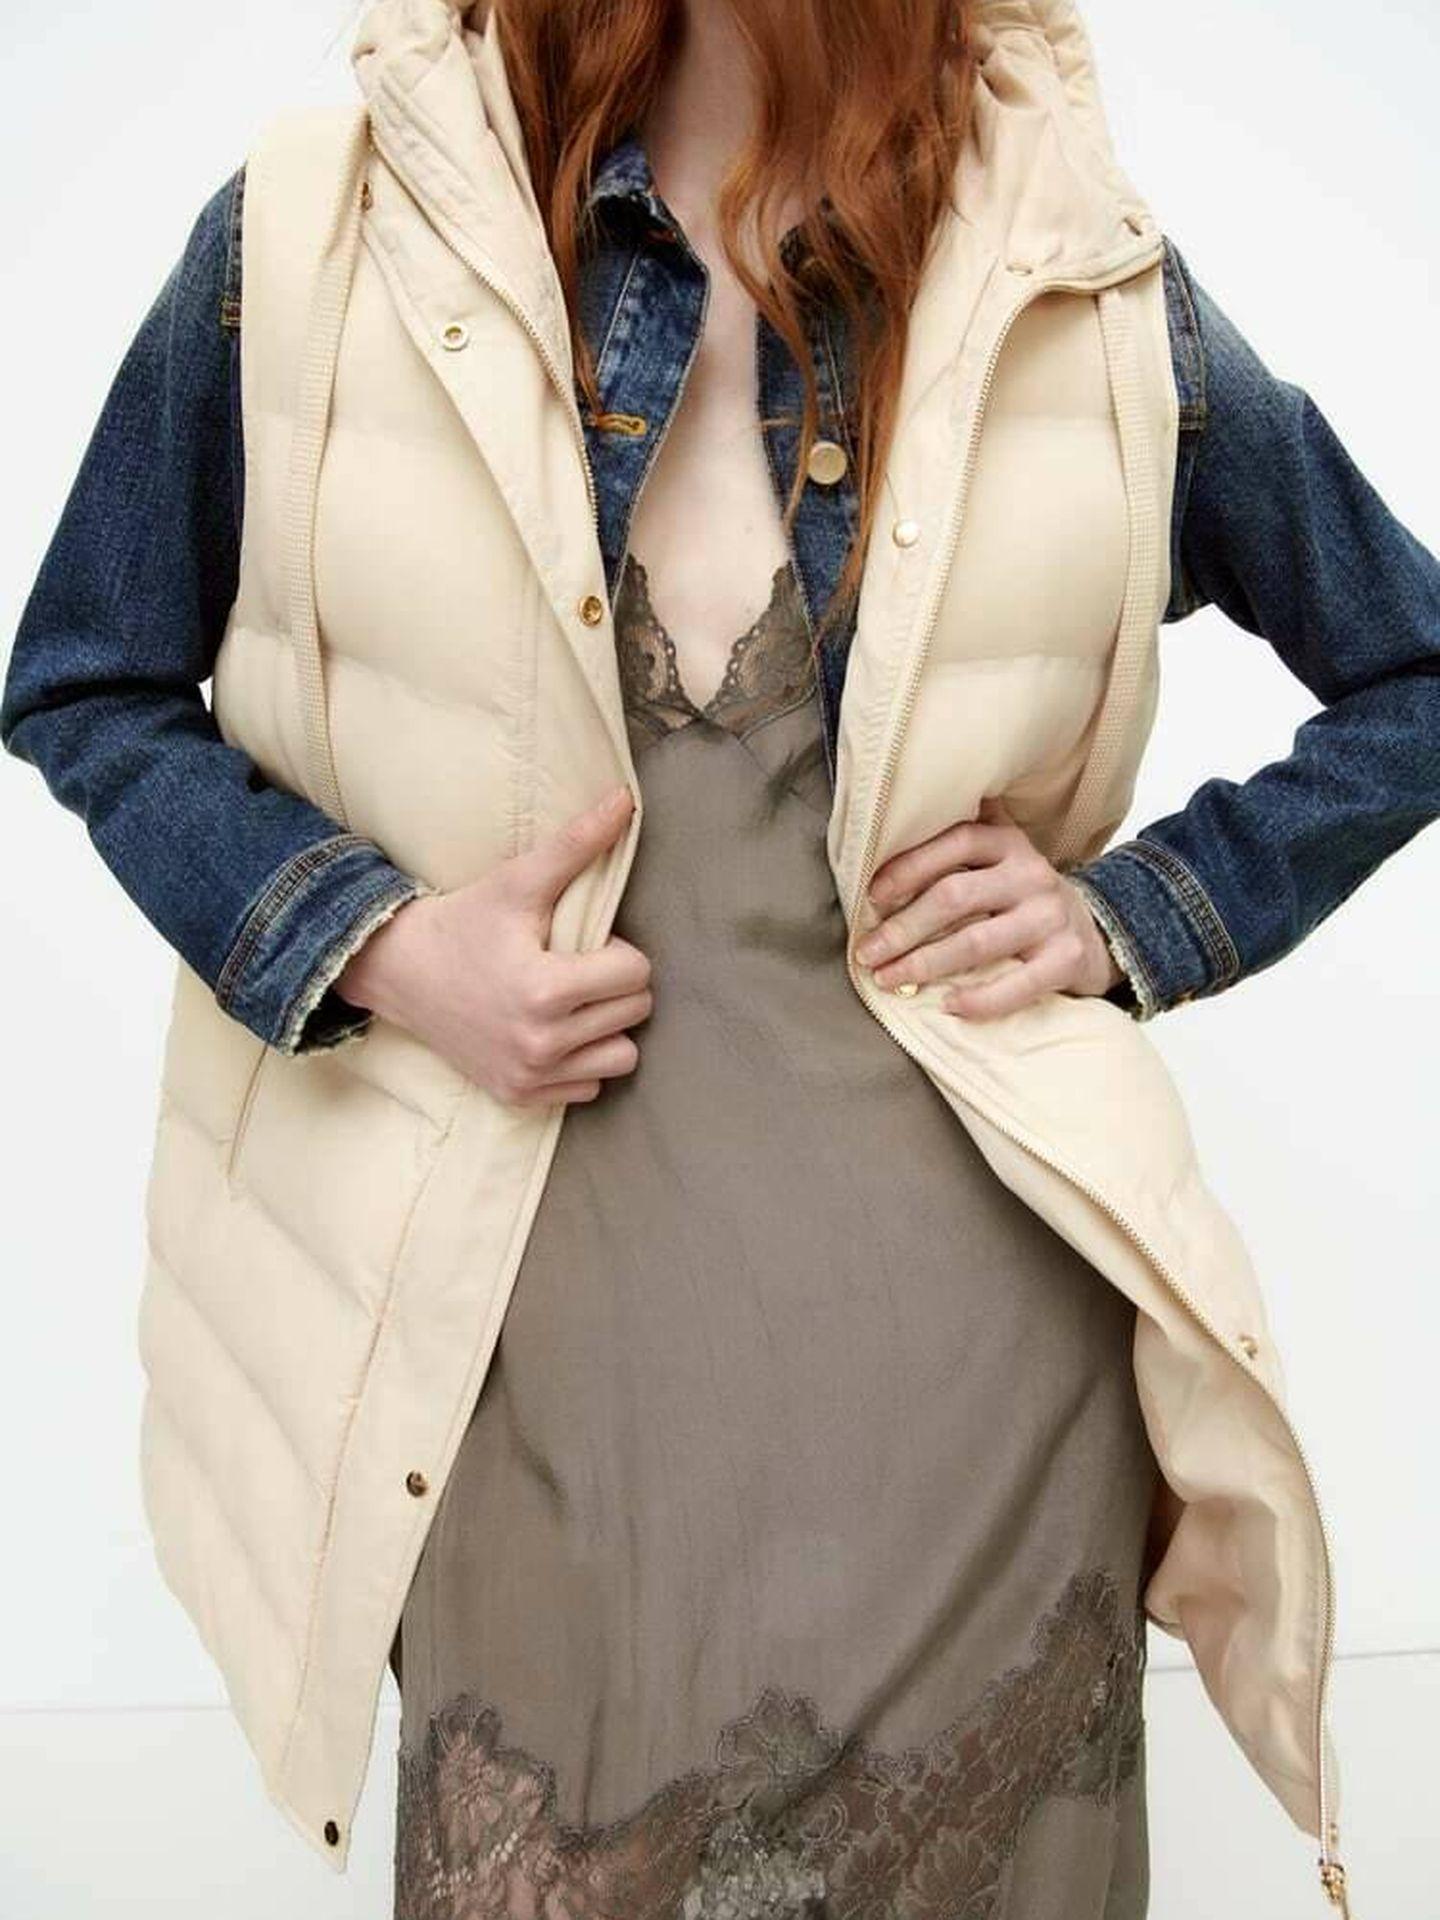 Así es el nuevo look de Zara para acertar este otoño. (Cortesía)